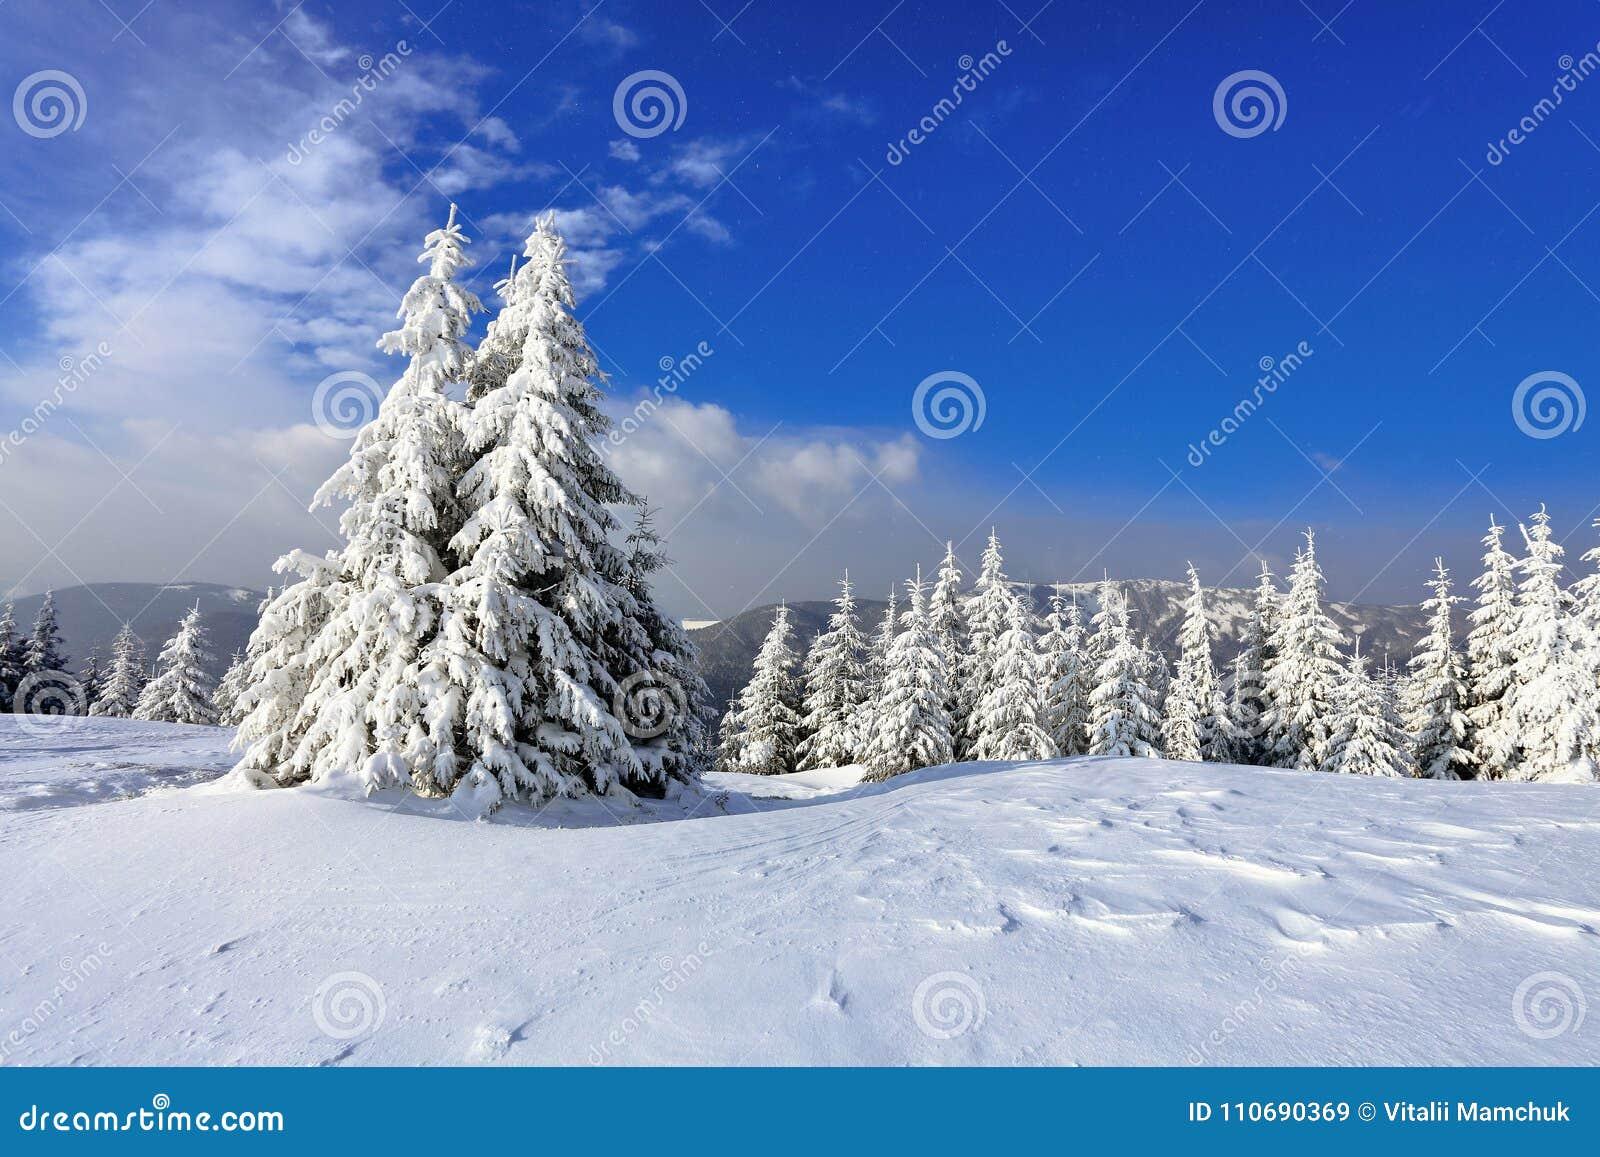 På en frostig härlig dag bland höga berg och maxima är magiska träd som täckas med vit fluffig snö